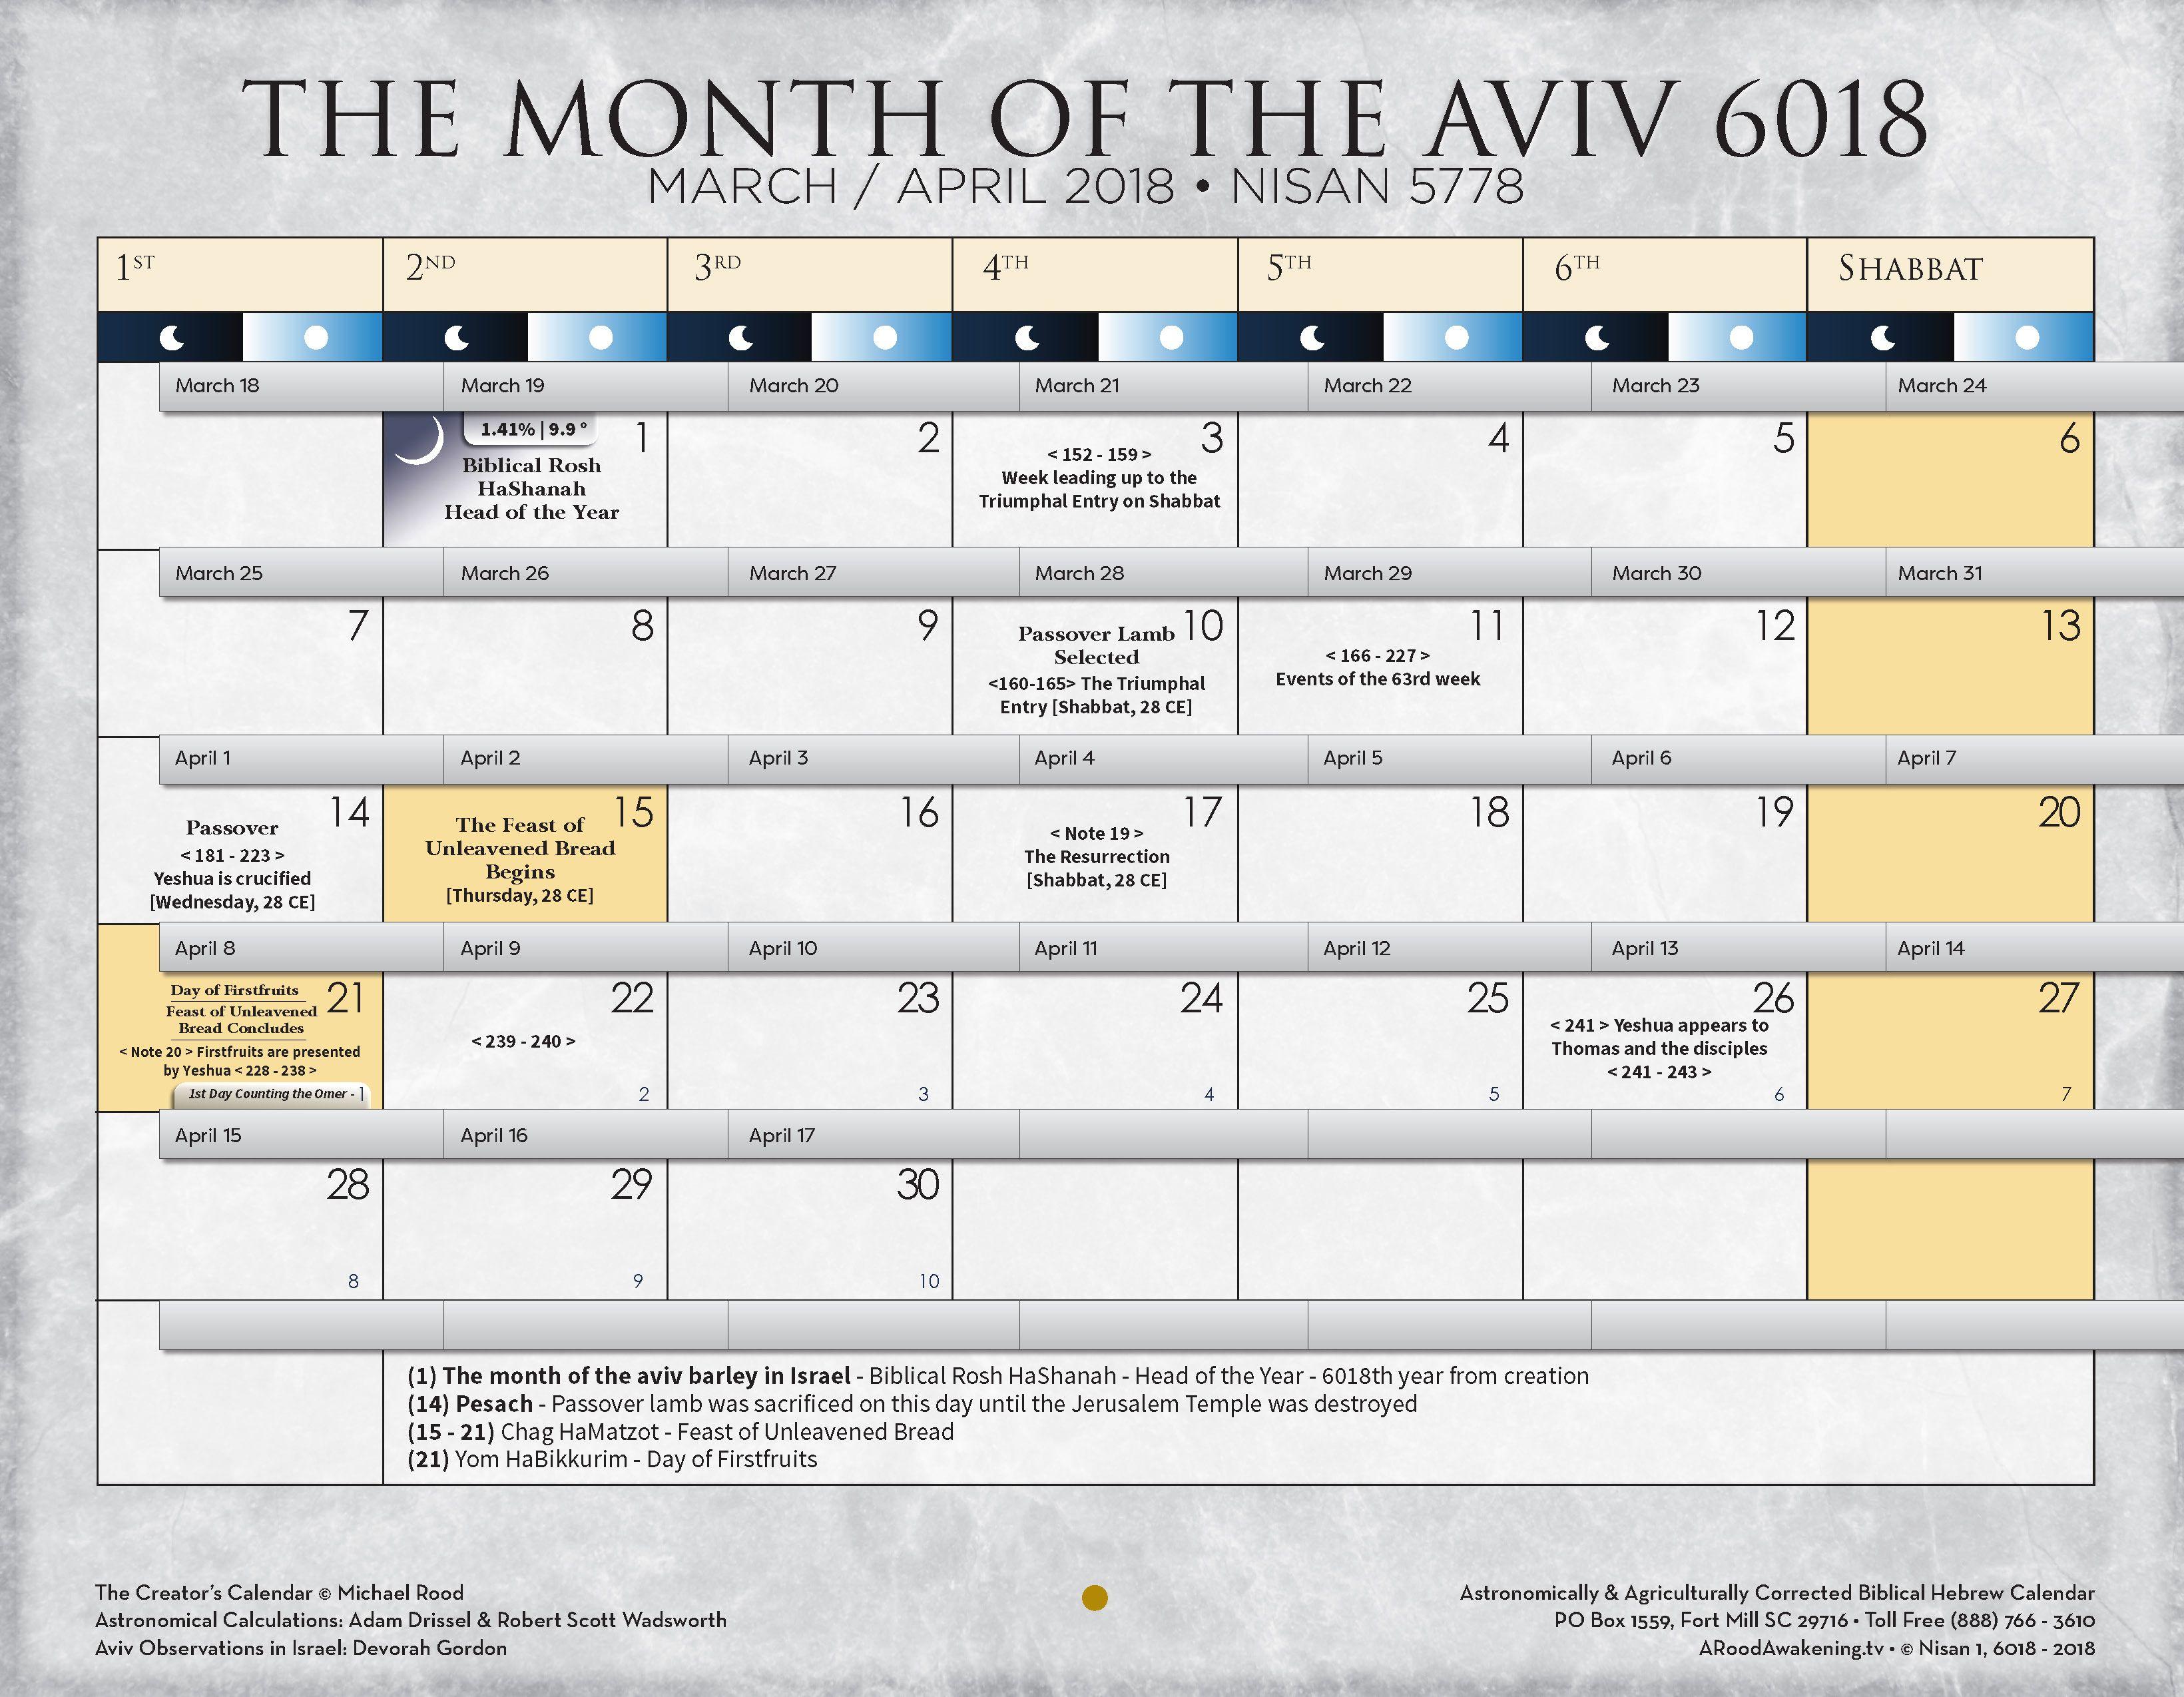 Biblical Calendar | Biblical Hebrew, Calendar, Us Data for A Rood Awakening Calendar